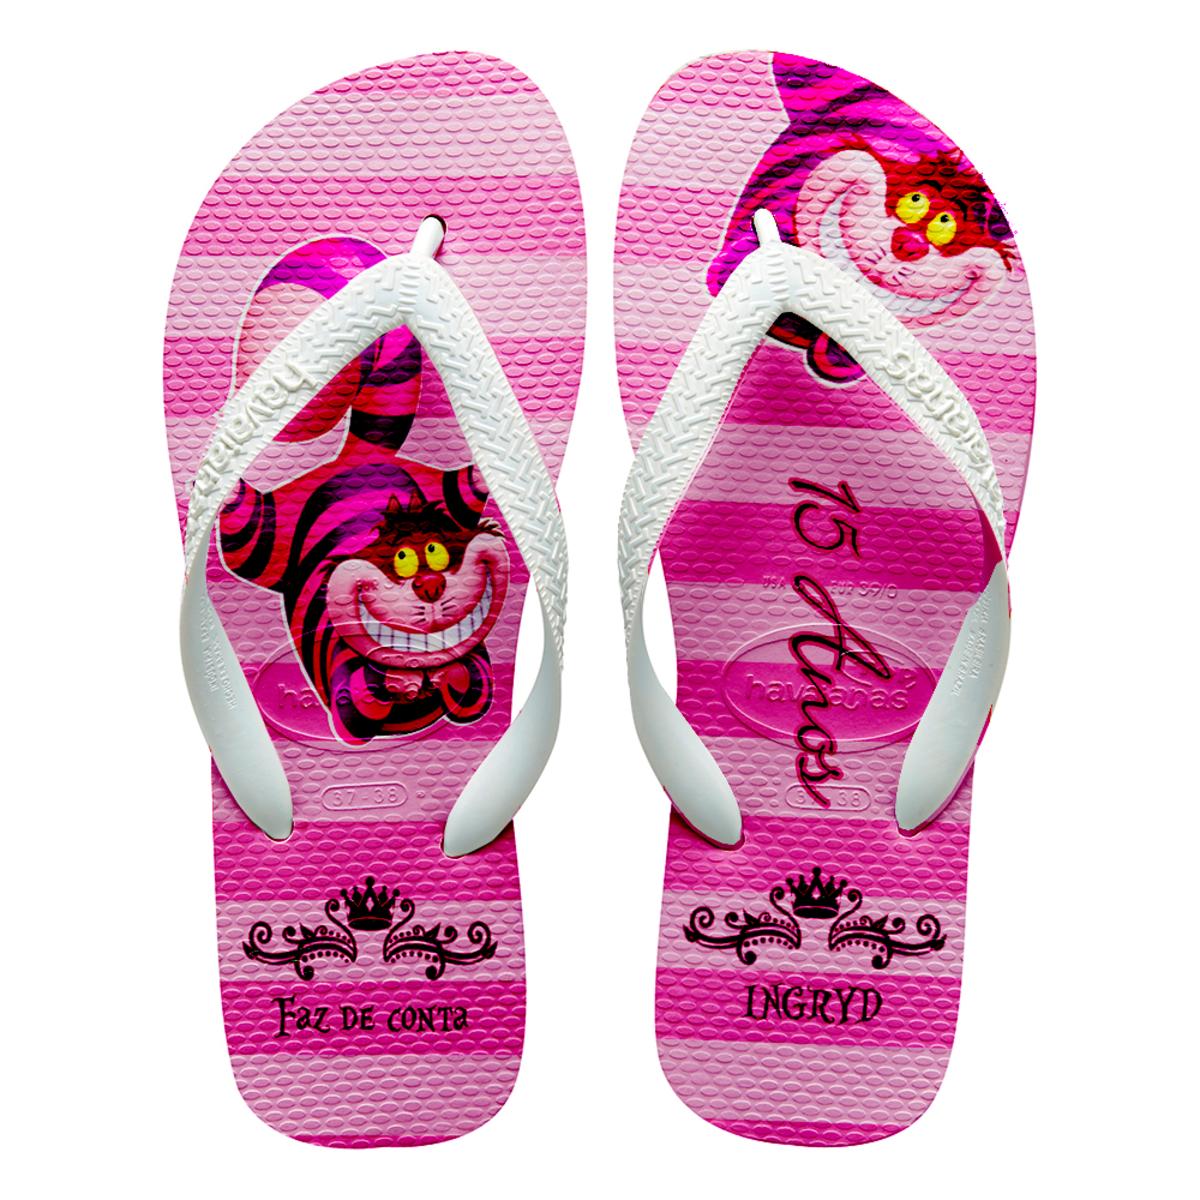 a9482ff671 Chinelos havaianas personalizados Alice 15 anos no Elo7